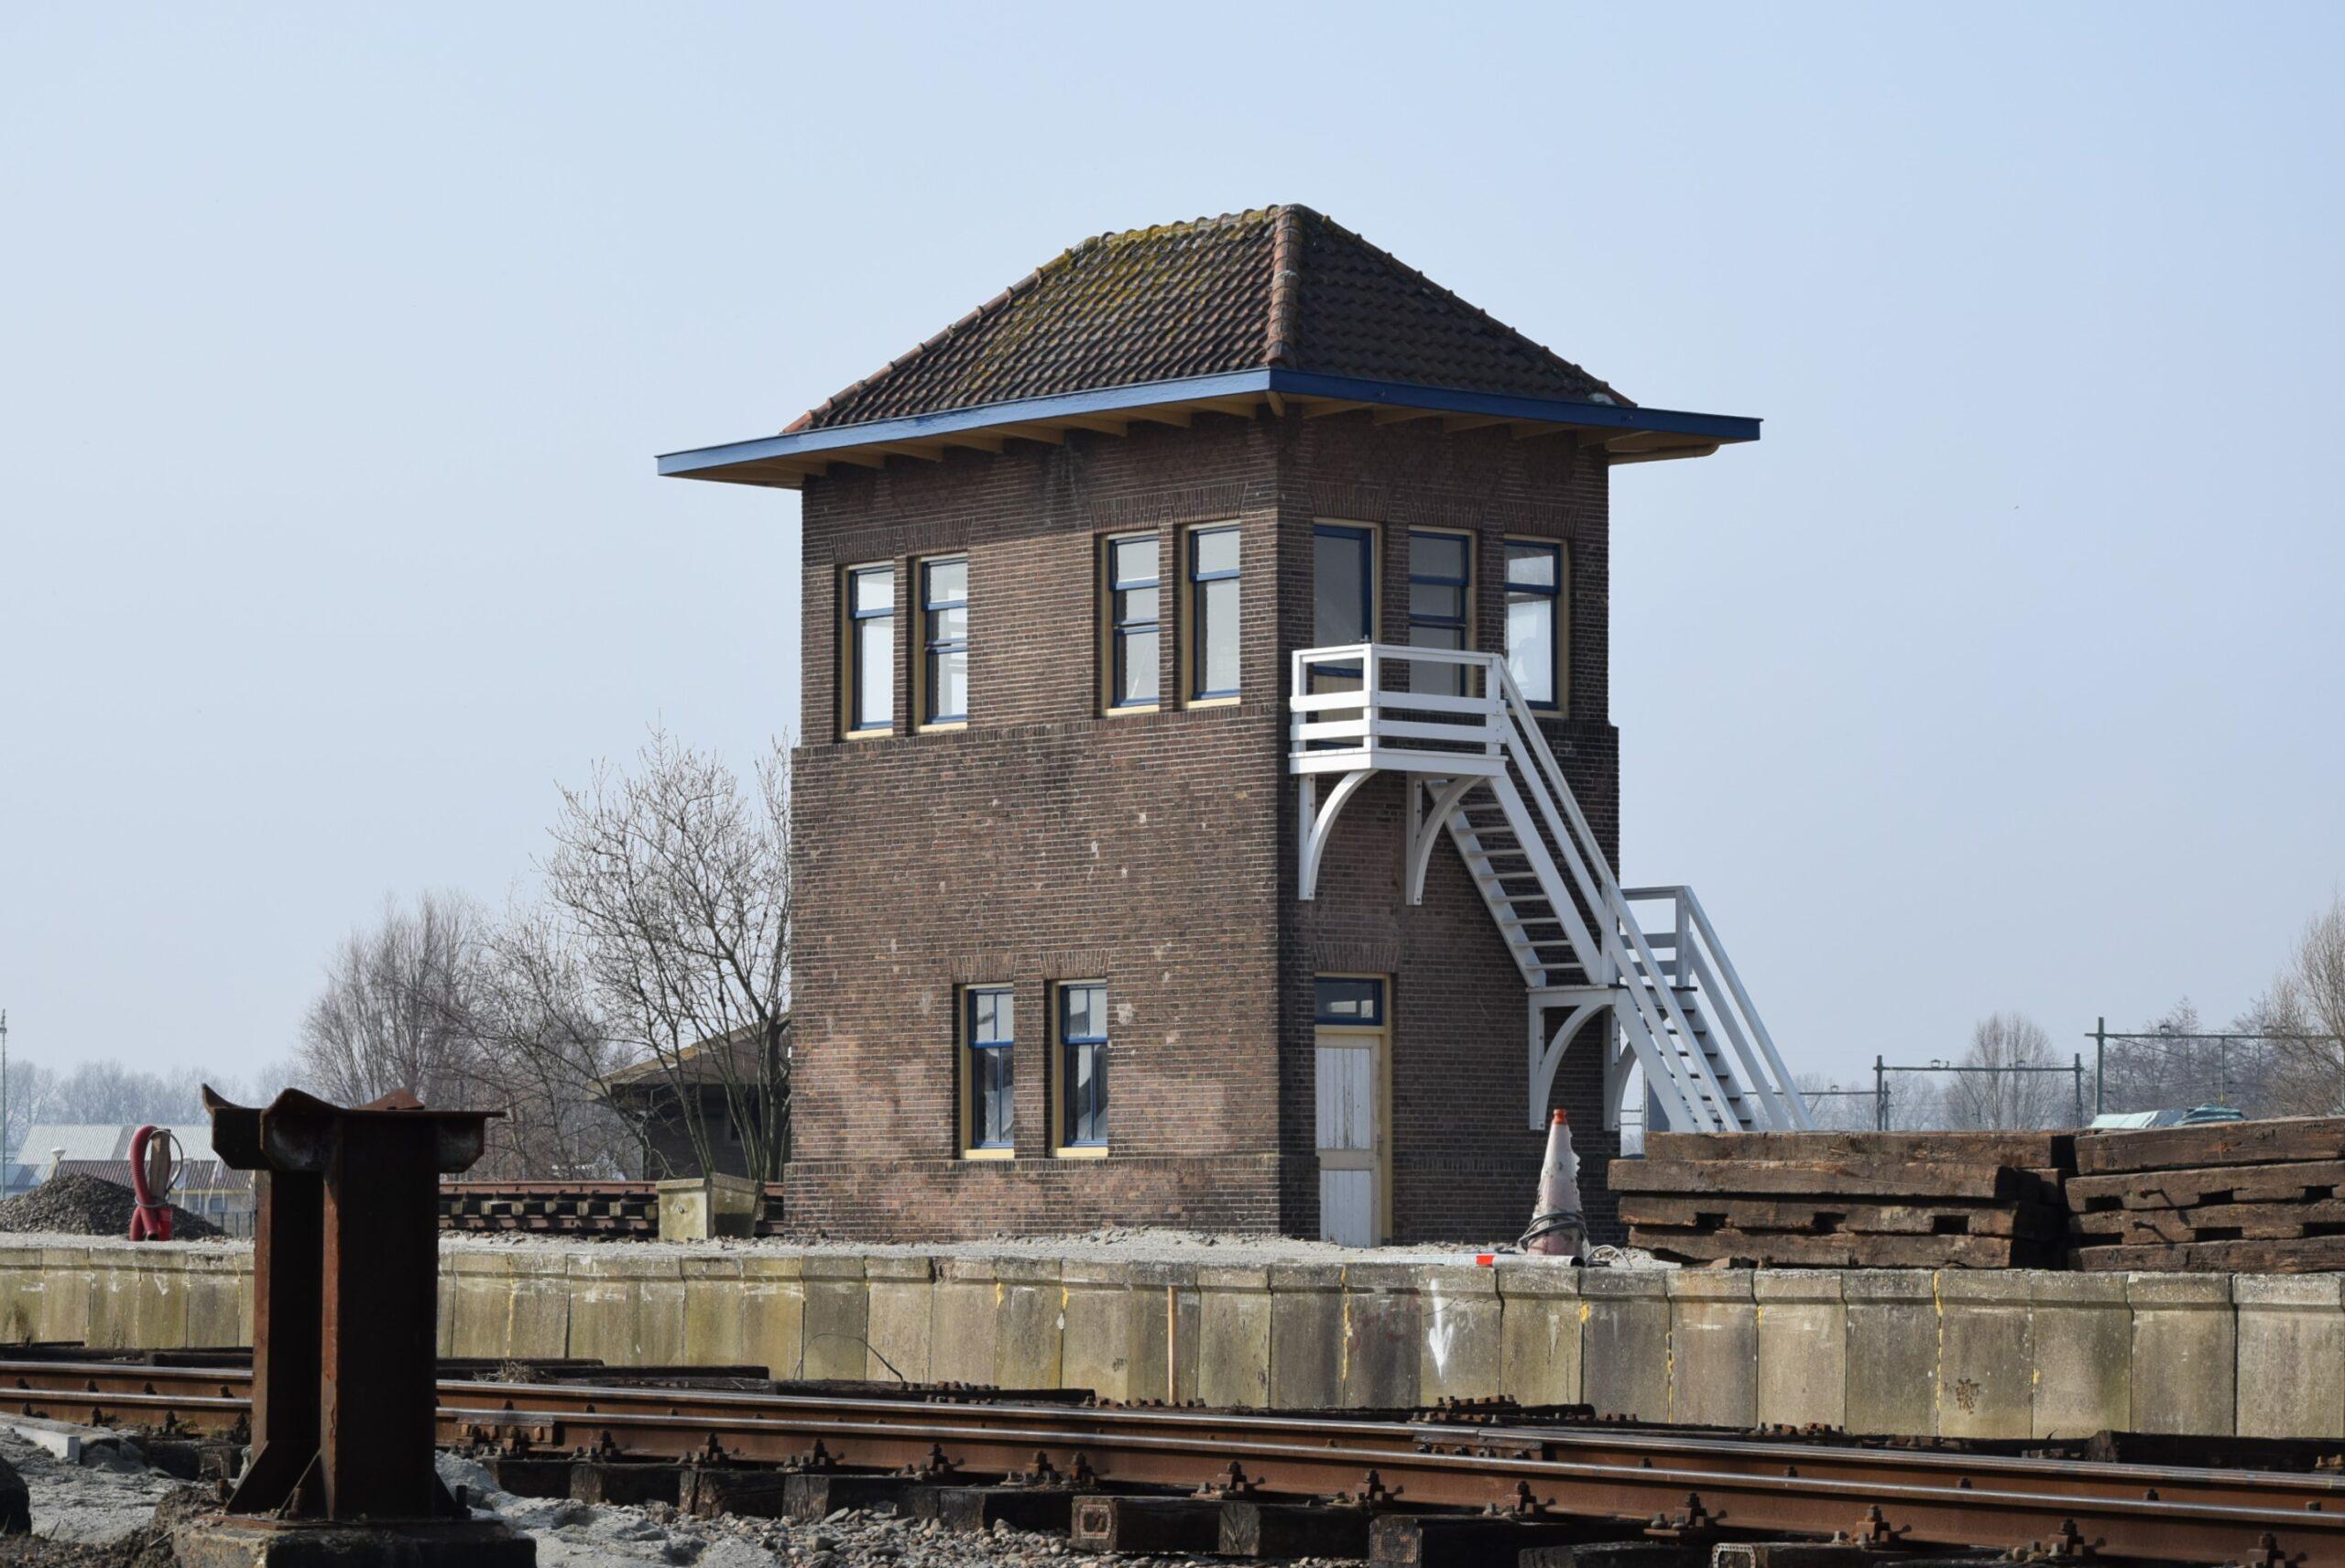 Voormalig seinhuisje Middelburg, sinds 2000 op het SGB-emplacement in Goes (foto H.M.D. Dekker).